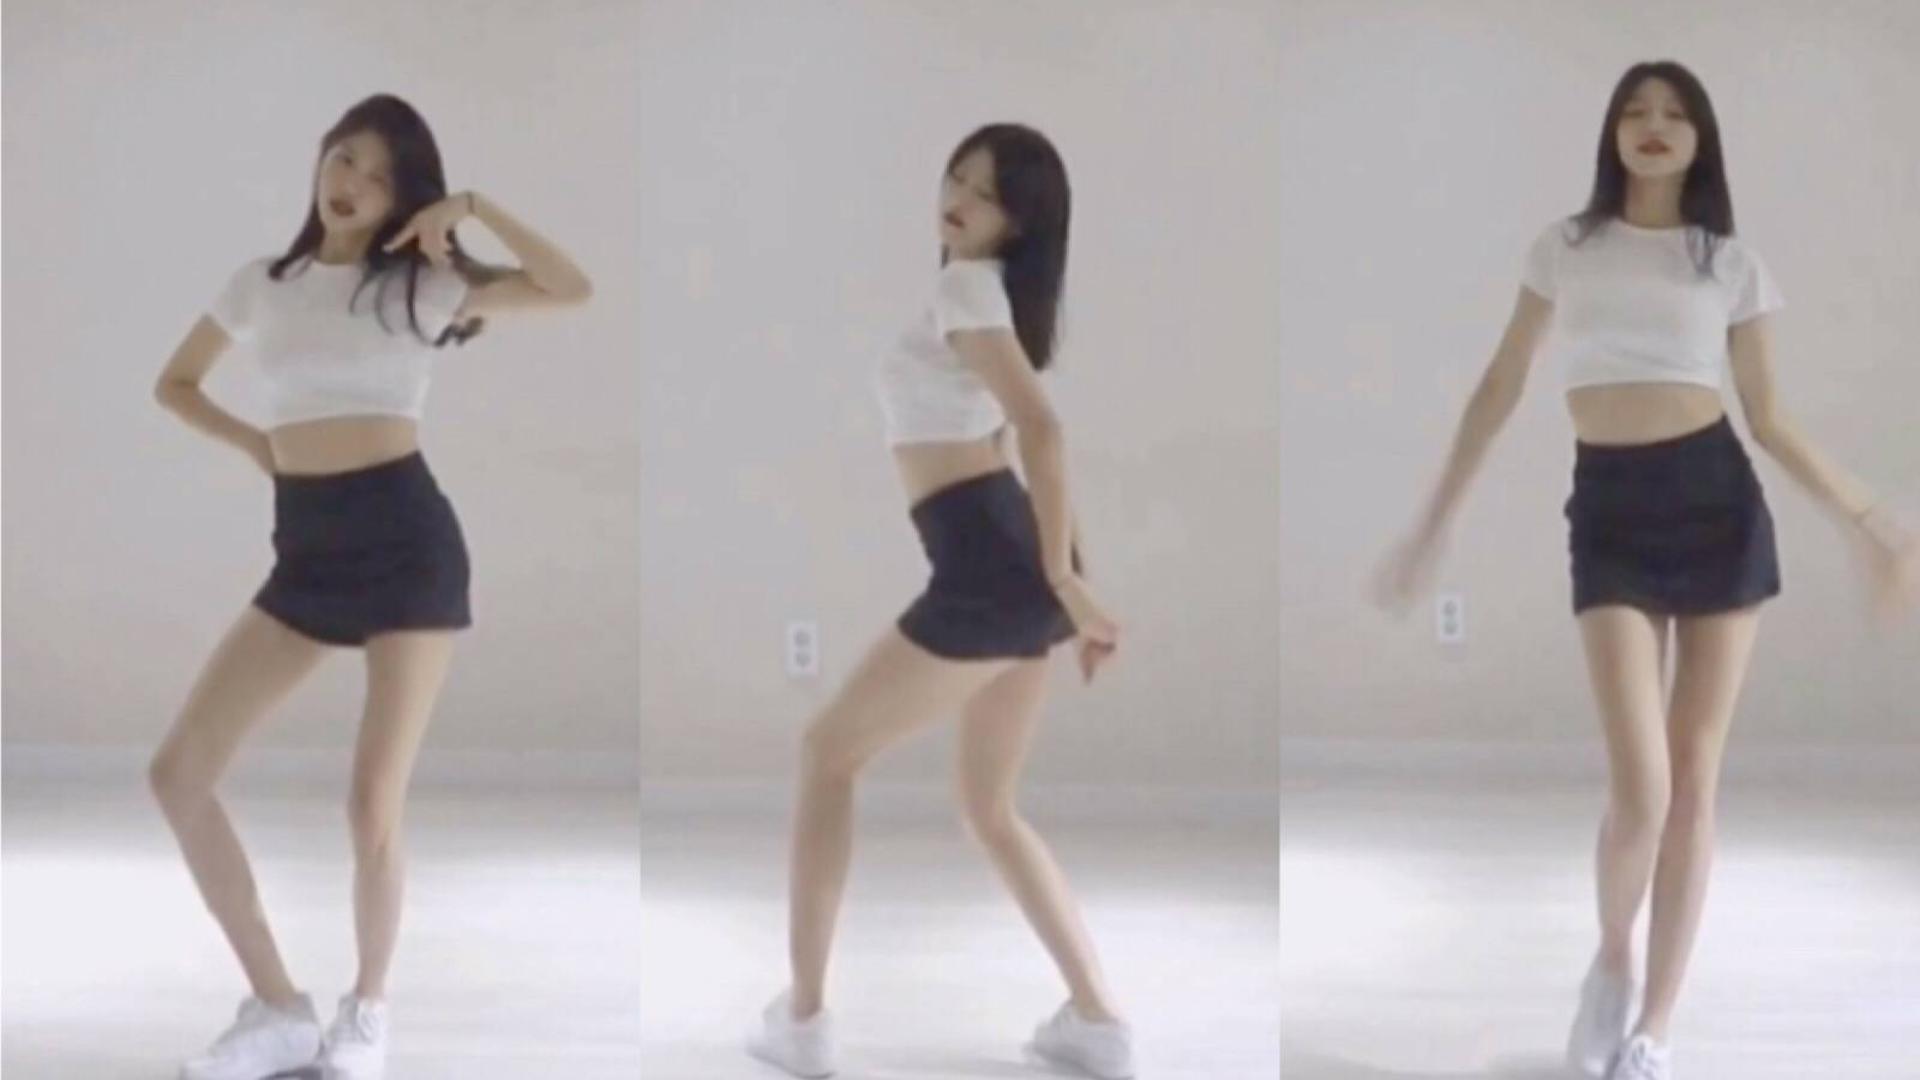 美女小姐姐翻跳blackpink舞曲,短裙很sexy,大长腿身材超好,这么爱跳舞的可爱妹子送福利啦